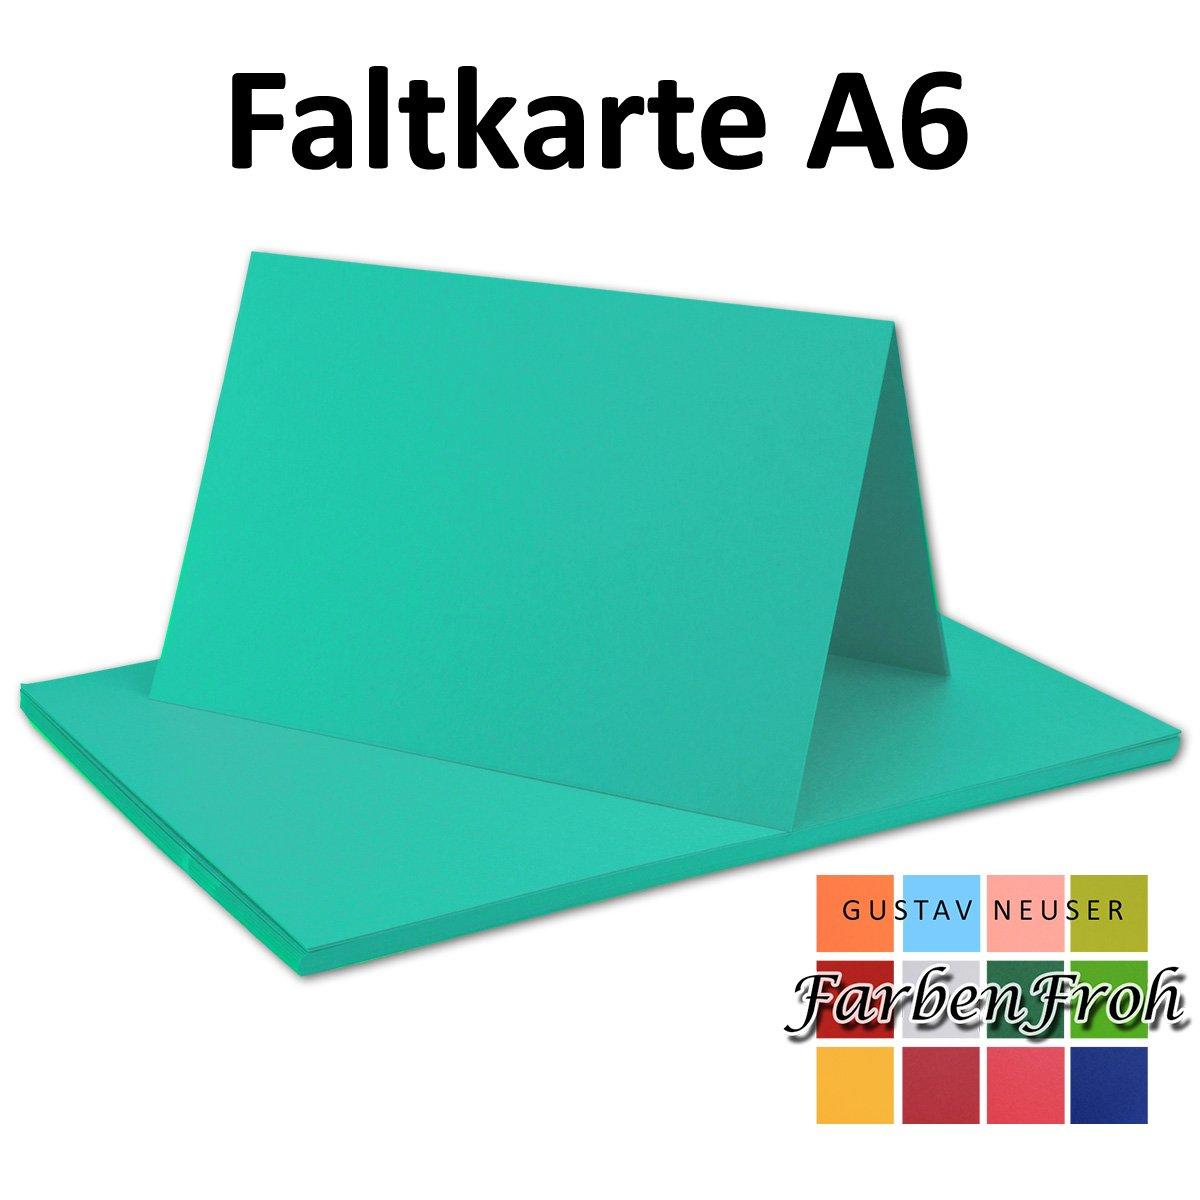 150x Falt-Karten DIN A6 Blanko Doppel-Karten in in in Vanille -10,5 x 14,8 cm   Premium Qualität   FarbenFroh® B076F3BRVY | Fairer Preis  0c7528